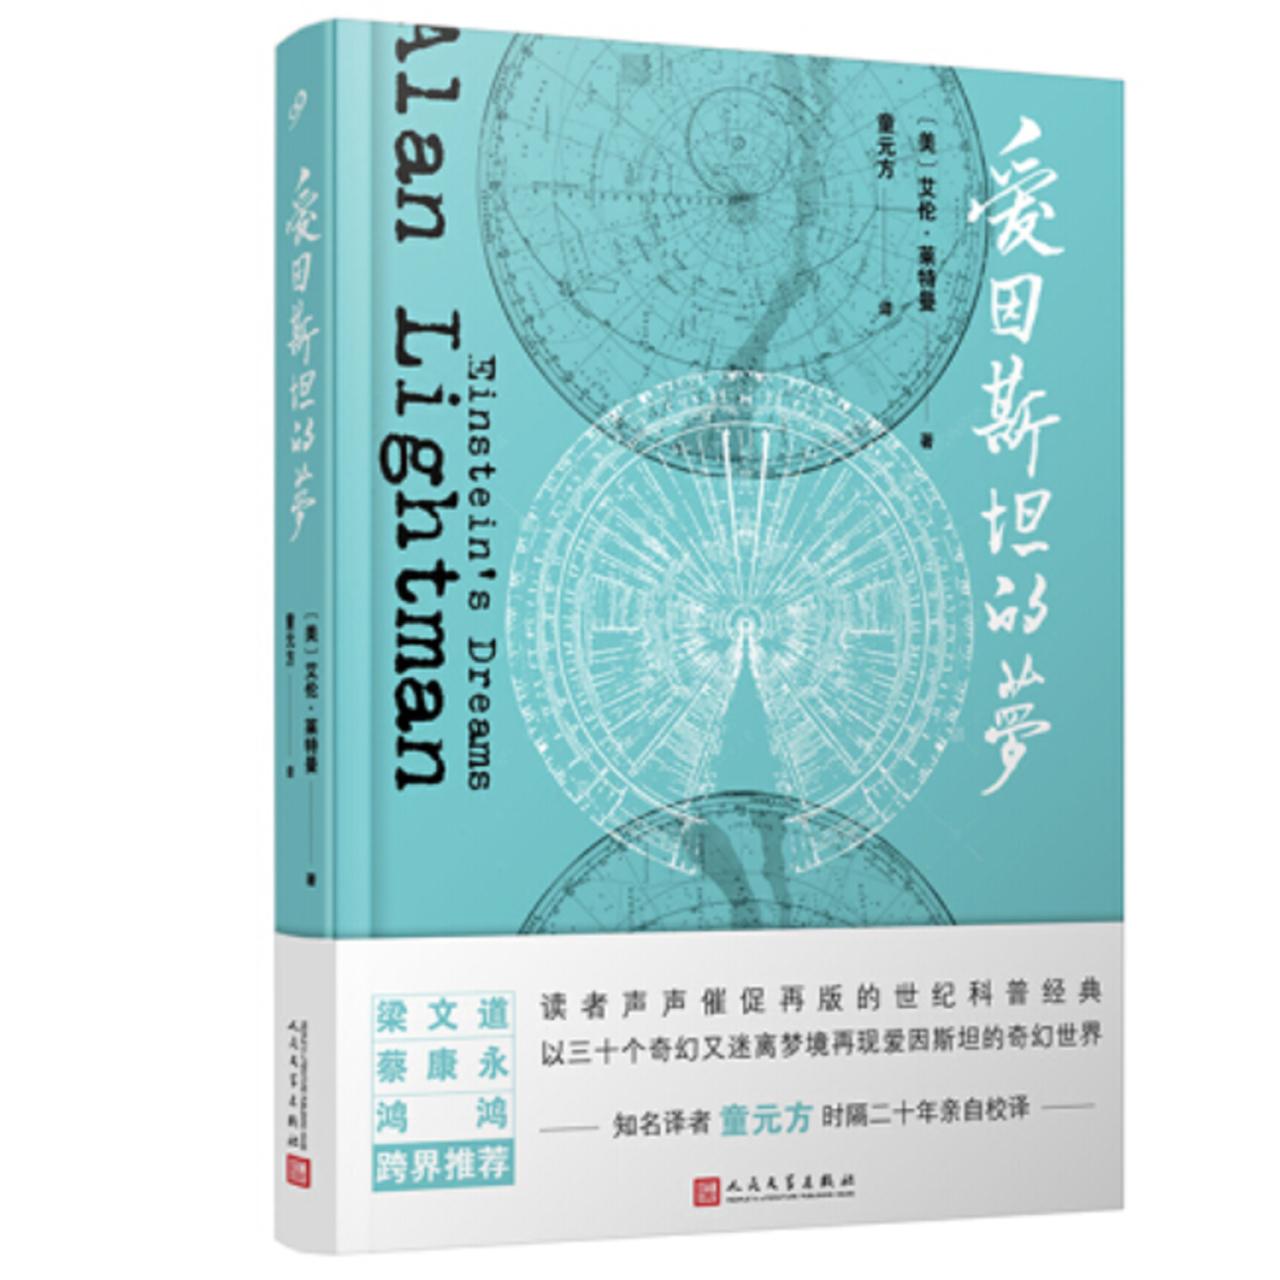 爱因斯坦的梦【文学小说/翻译文学/欧美经典文学】